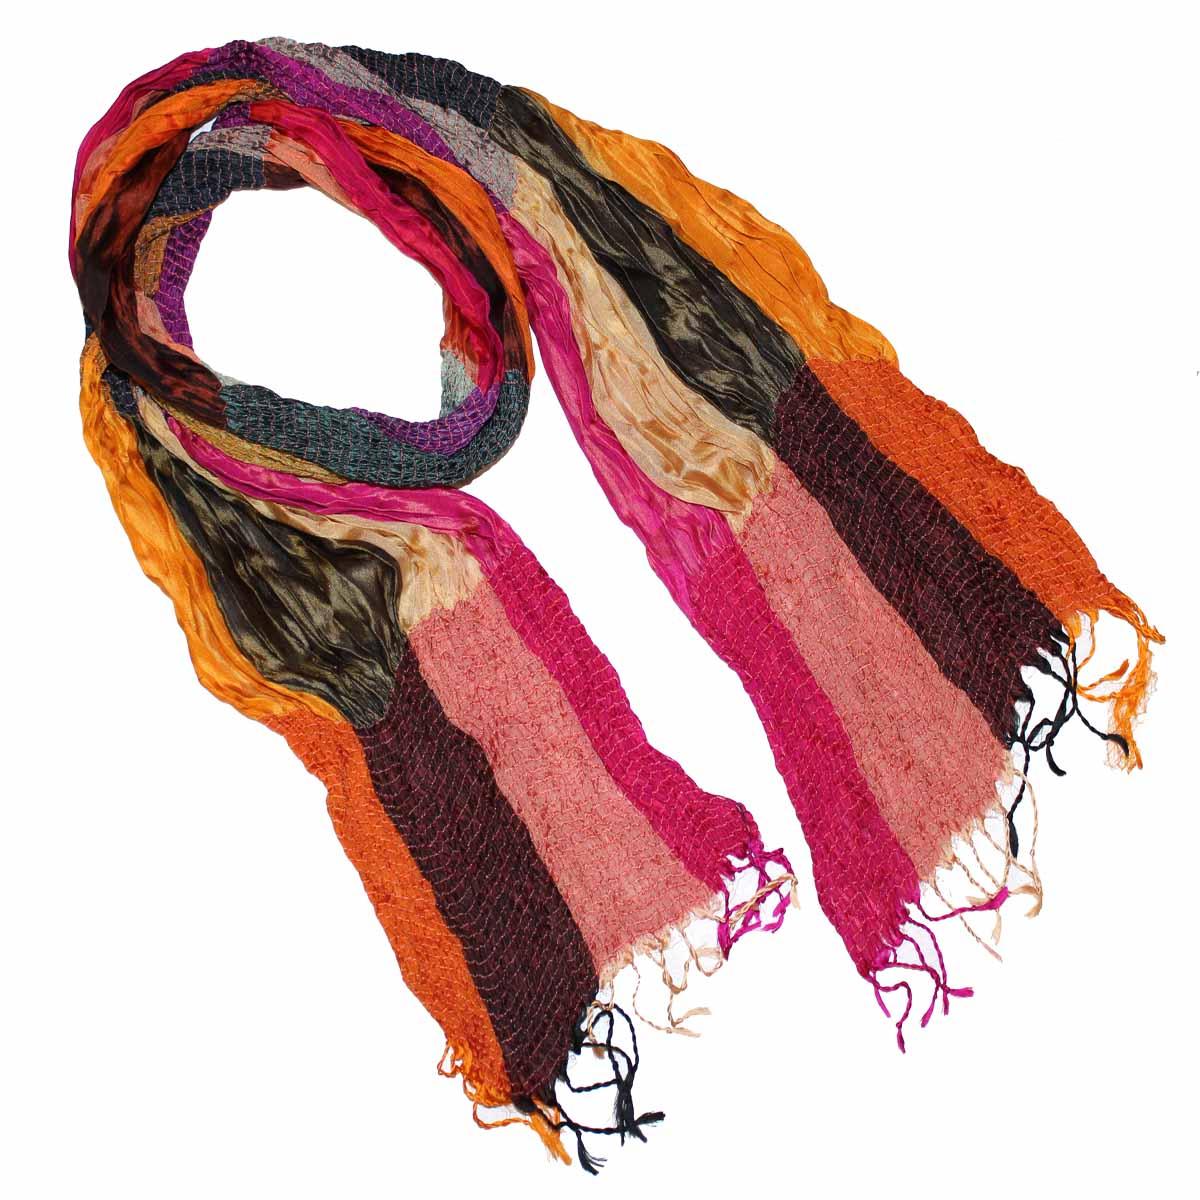 510375Элегантный шелковый шарф станет изысканным нарядным аксессуаром, который призван подчеркнуть индивидуальность и очарование женщины. Шарф с жатой фактурой, по краям декорирован кистями. Этот модный аксессуар женского гардероба гармонично дополнит образ современной женщины, следящей за своим имиджем и стремящейся всегда оставаться стильной и элегантной. В этом шарфе вы всегда будете выглядеть женственной и привлекательной.